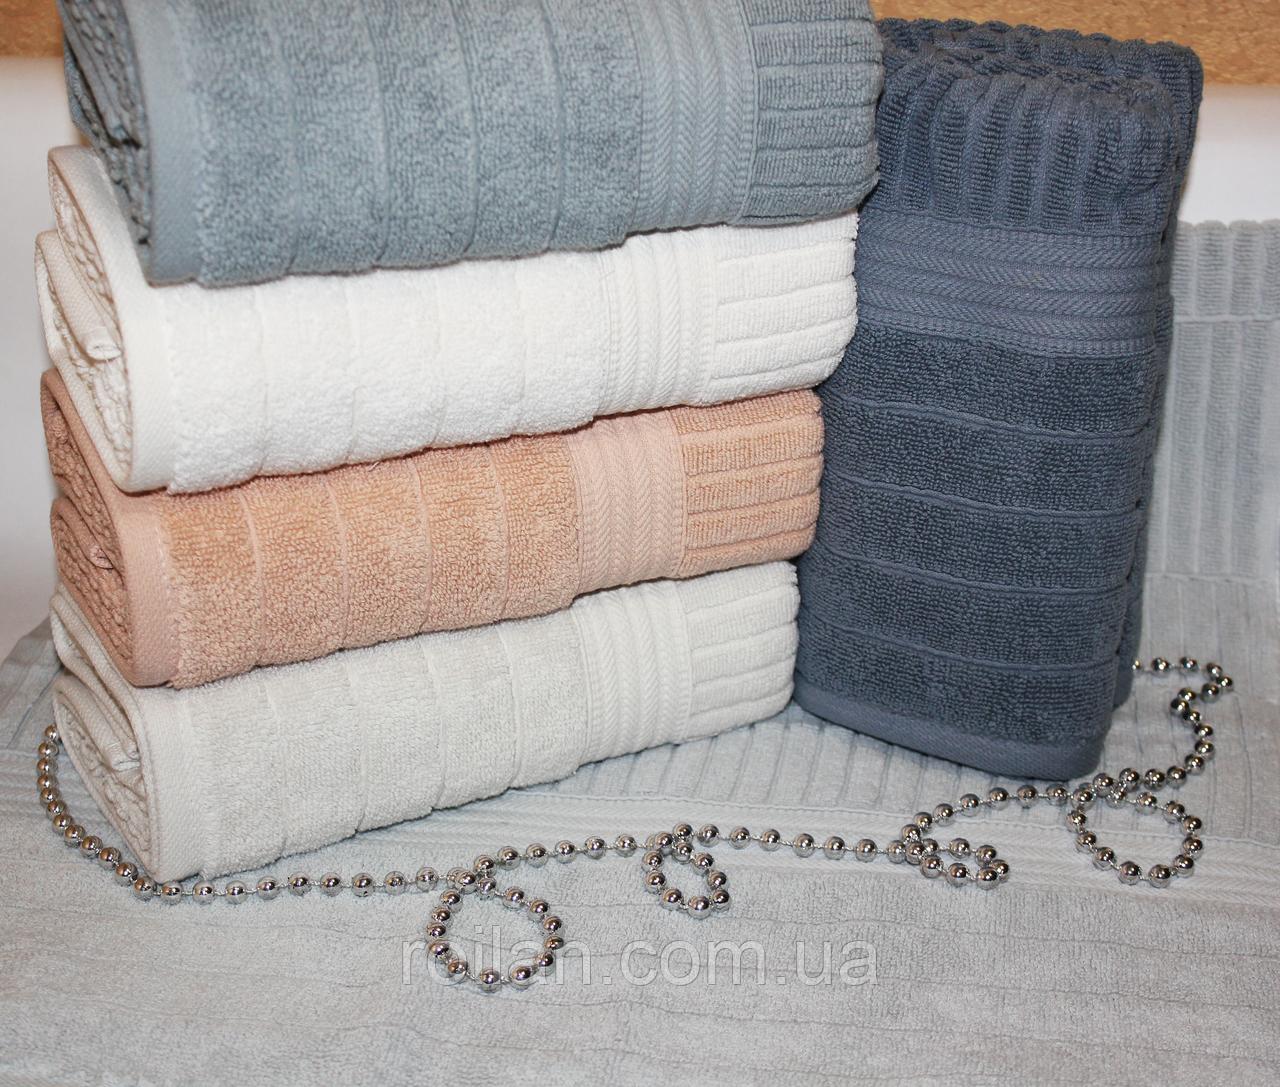 Метровые турецкие полотенца Однотонная полоска